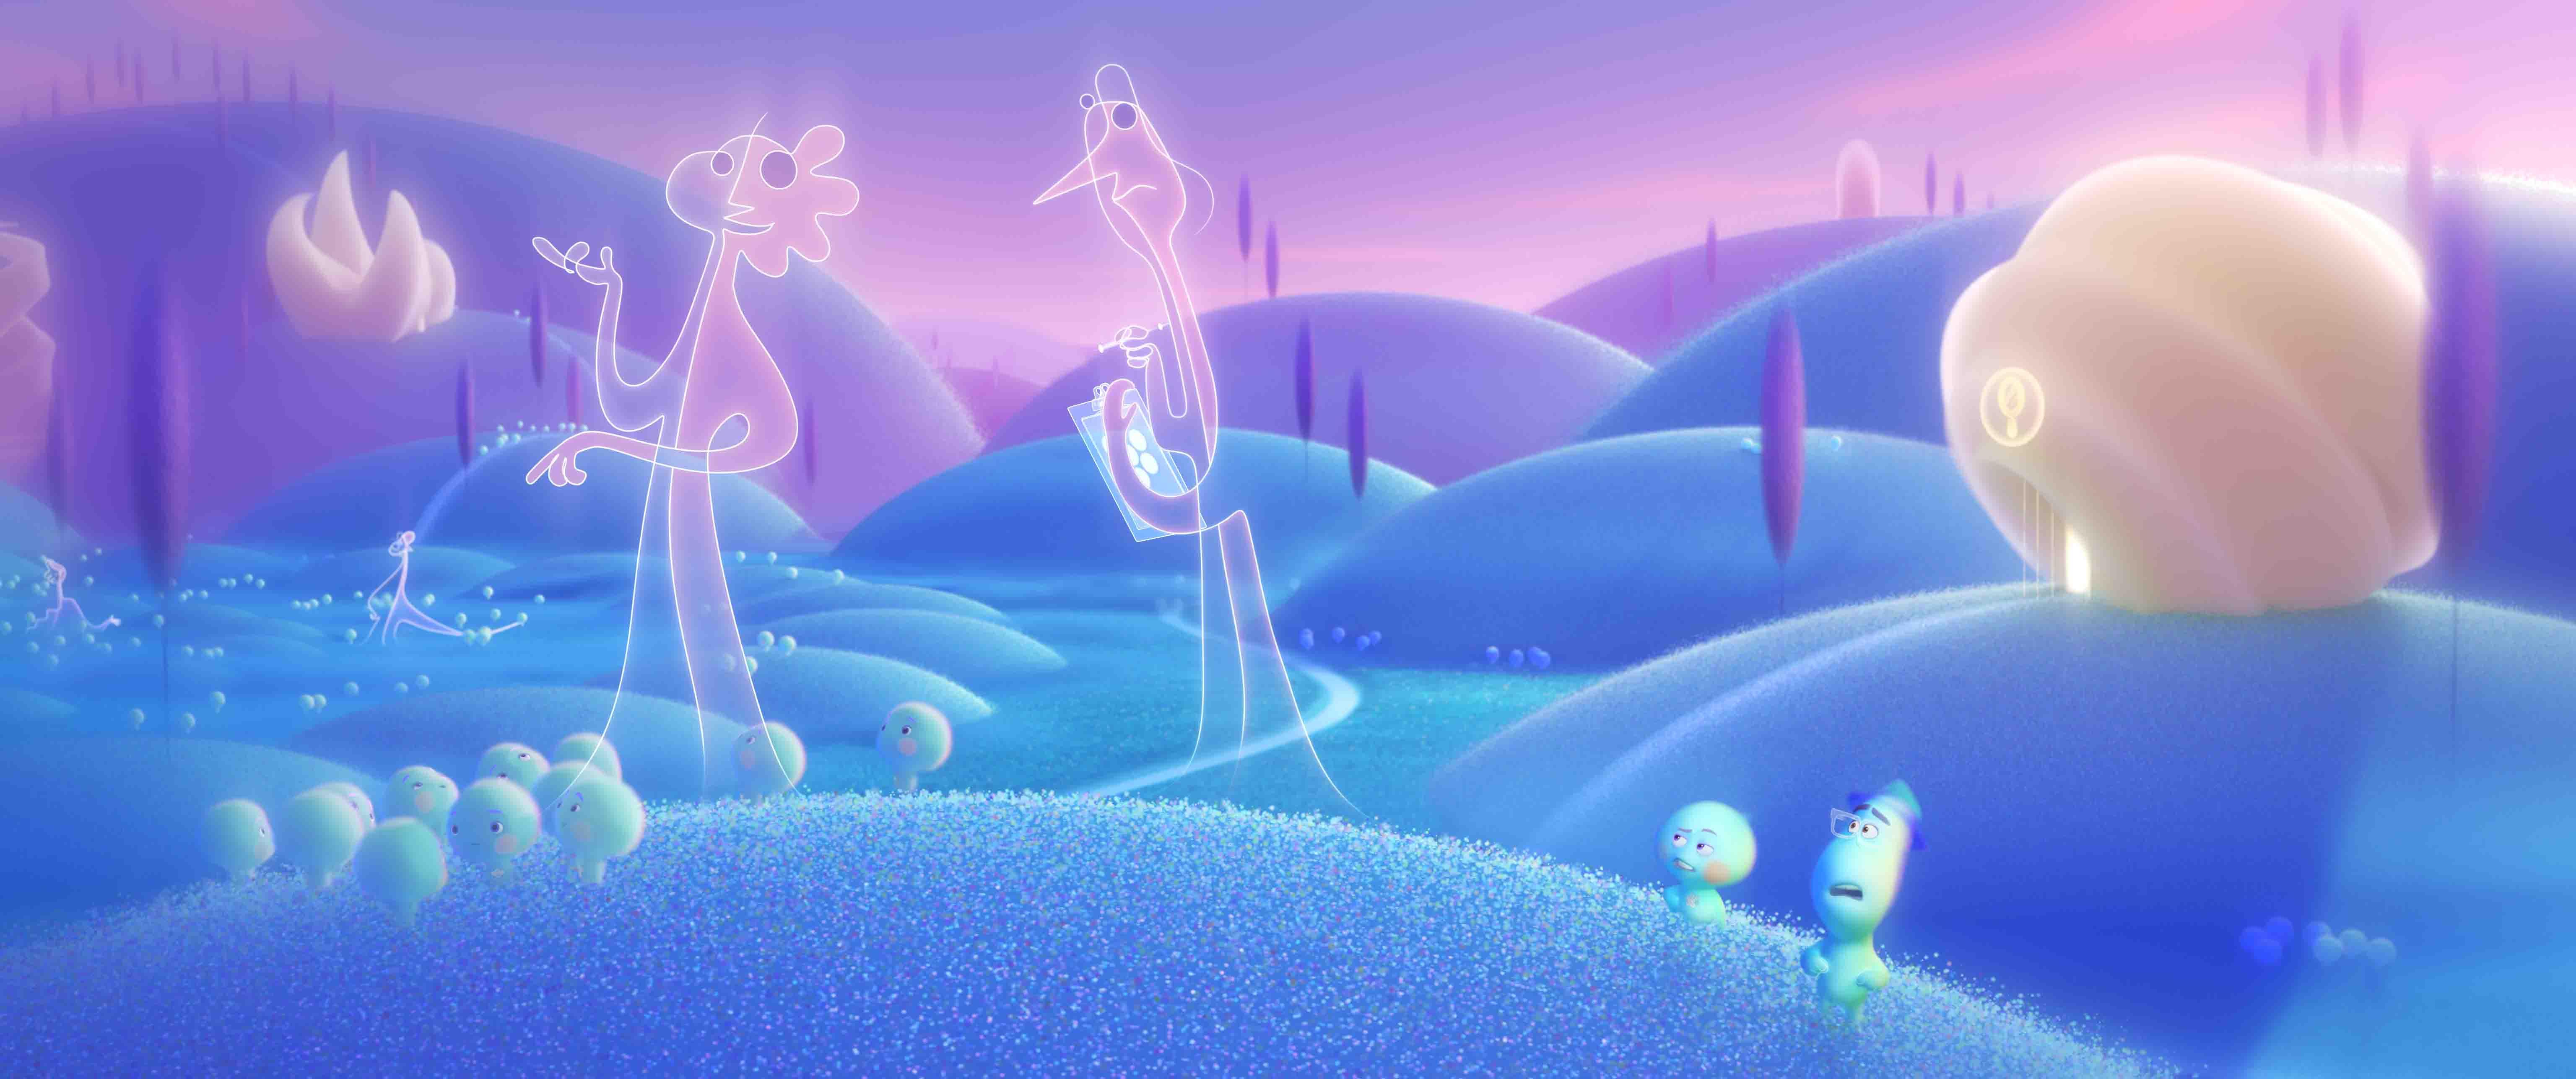 cảnh trong phim hoạt hình soul